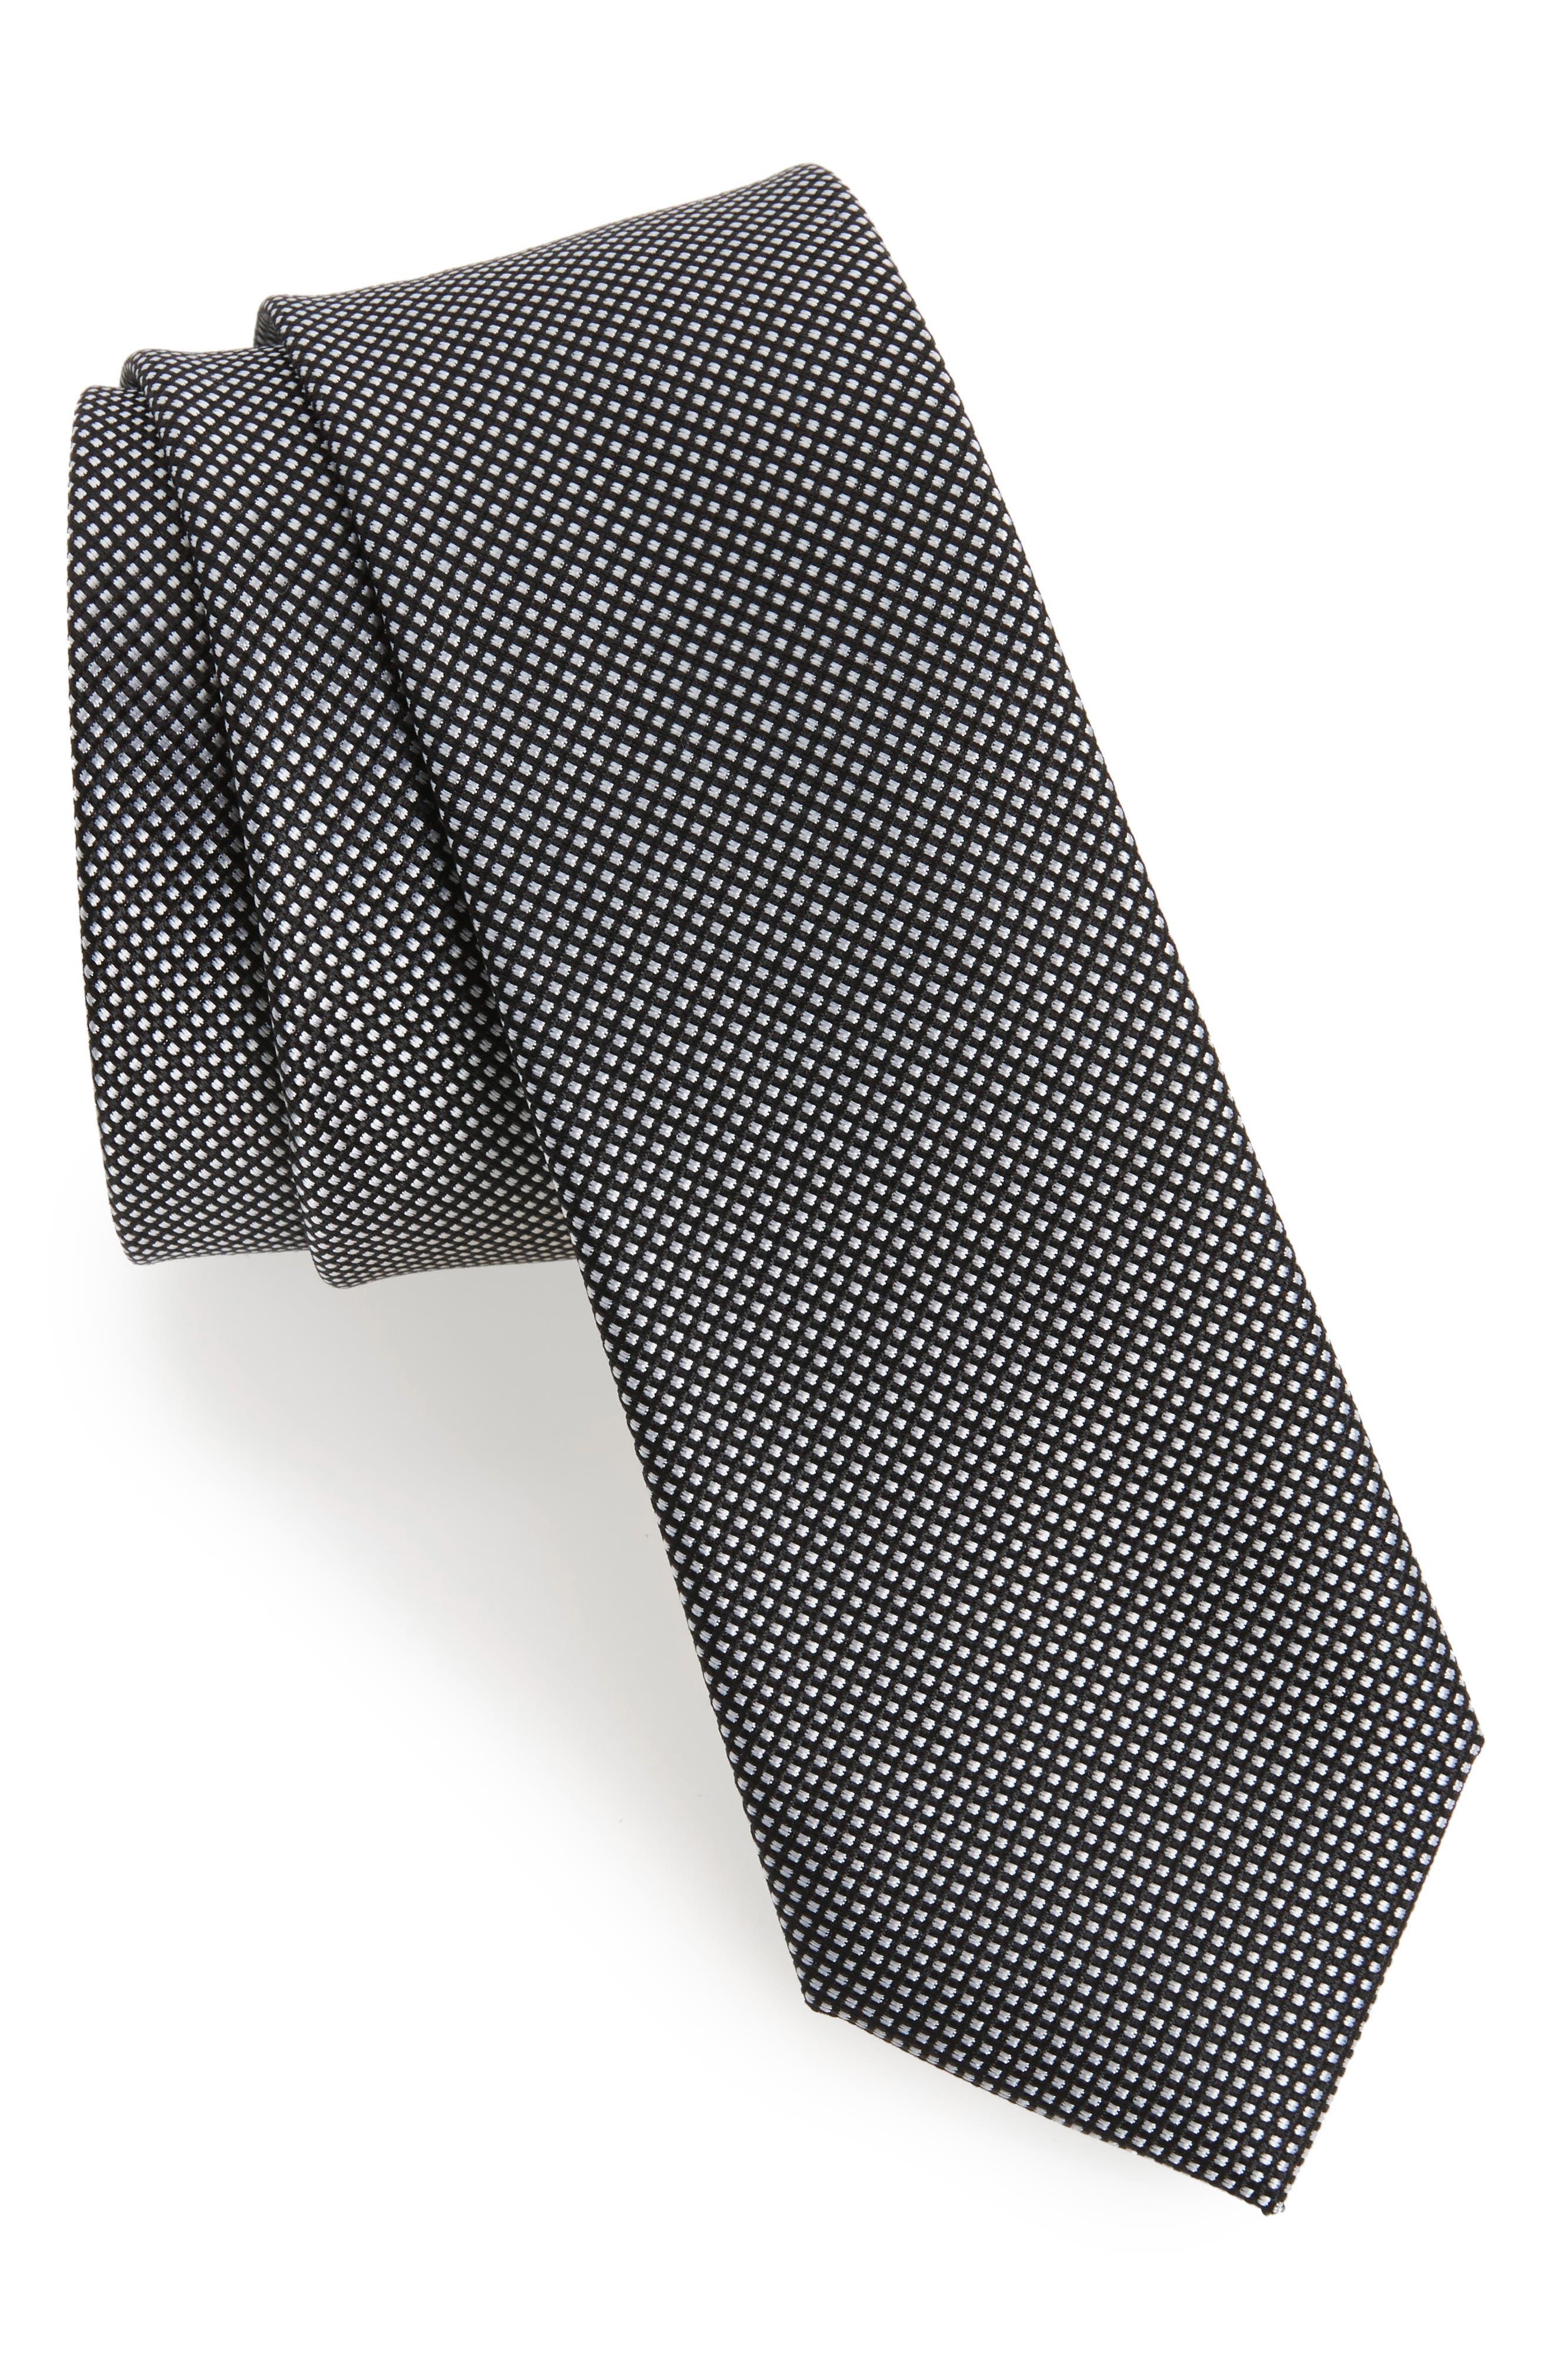 Calibrate Black & White Silk Tie